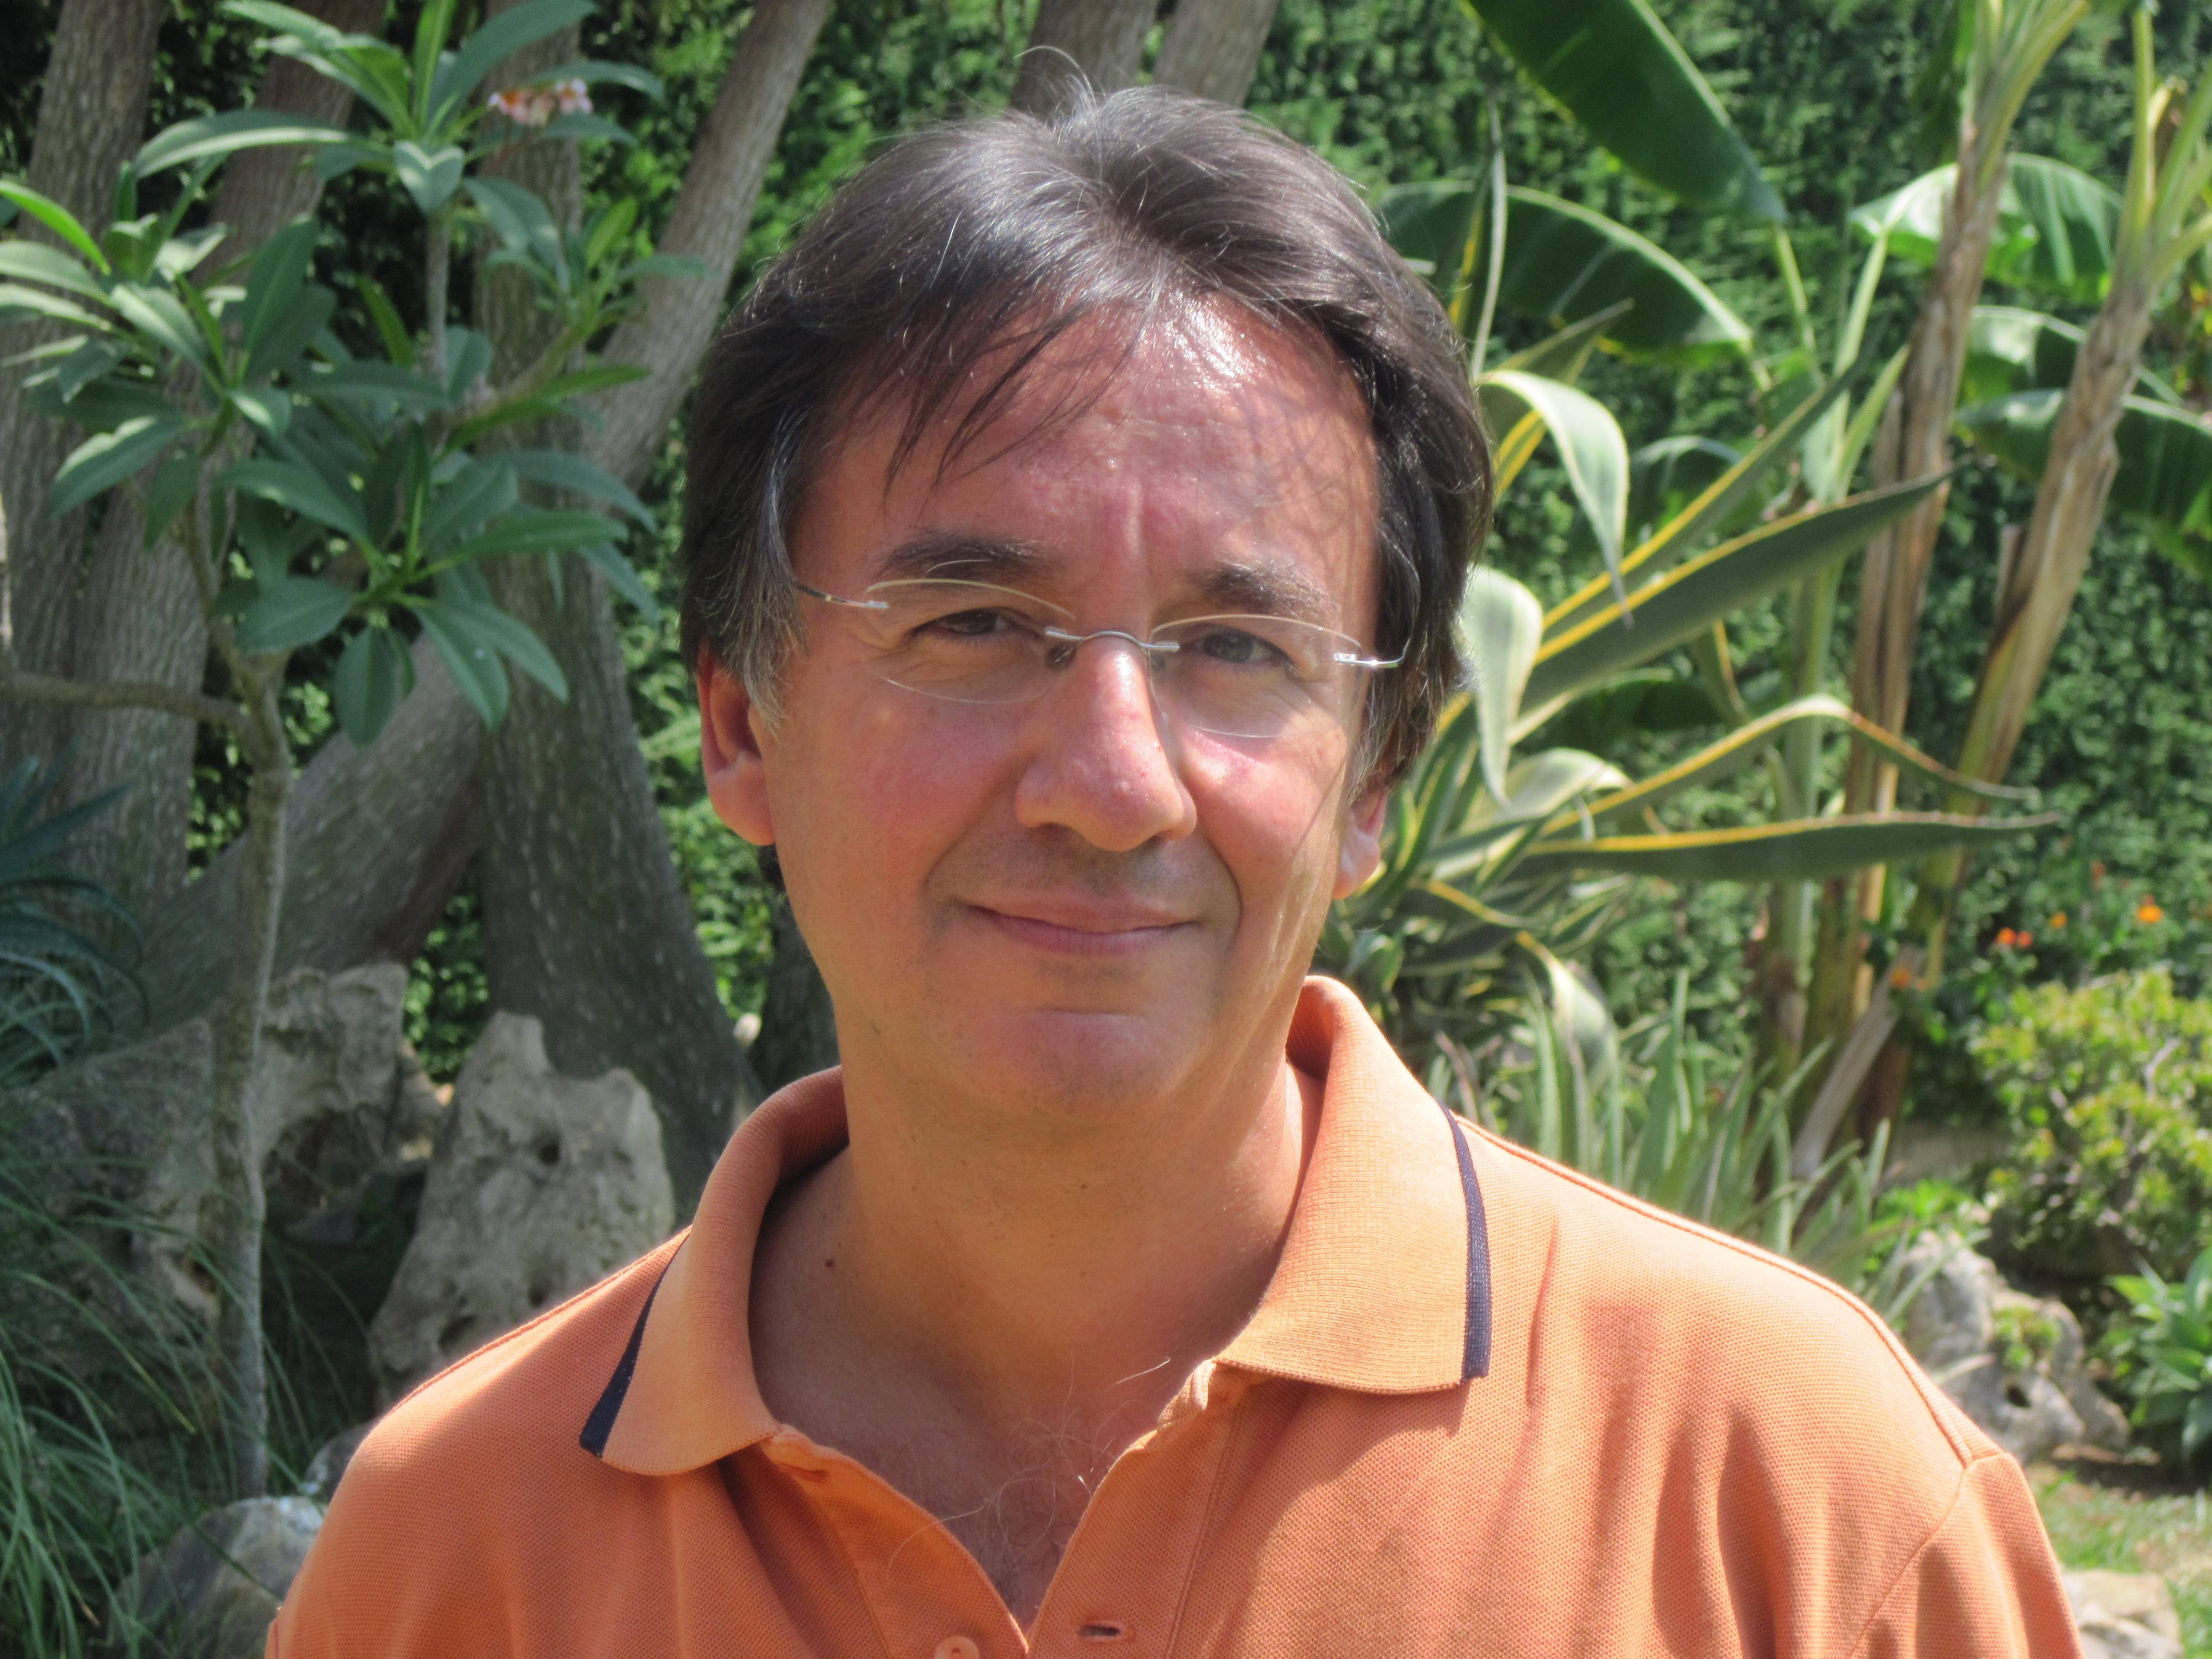 Giuseppe Sampognaro